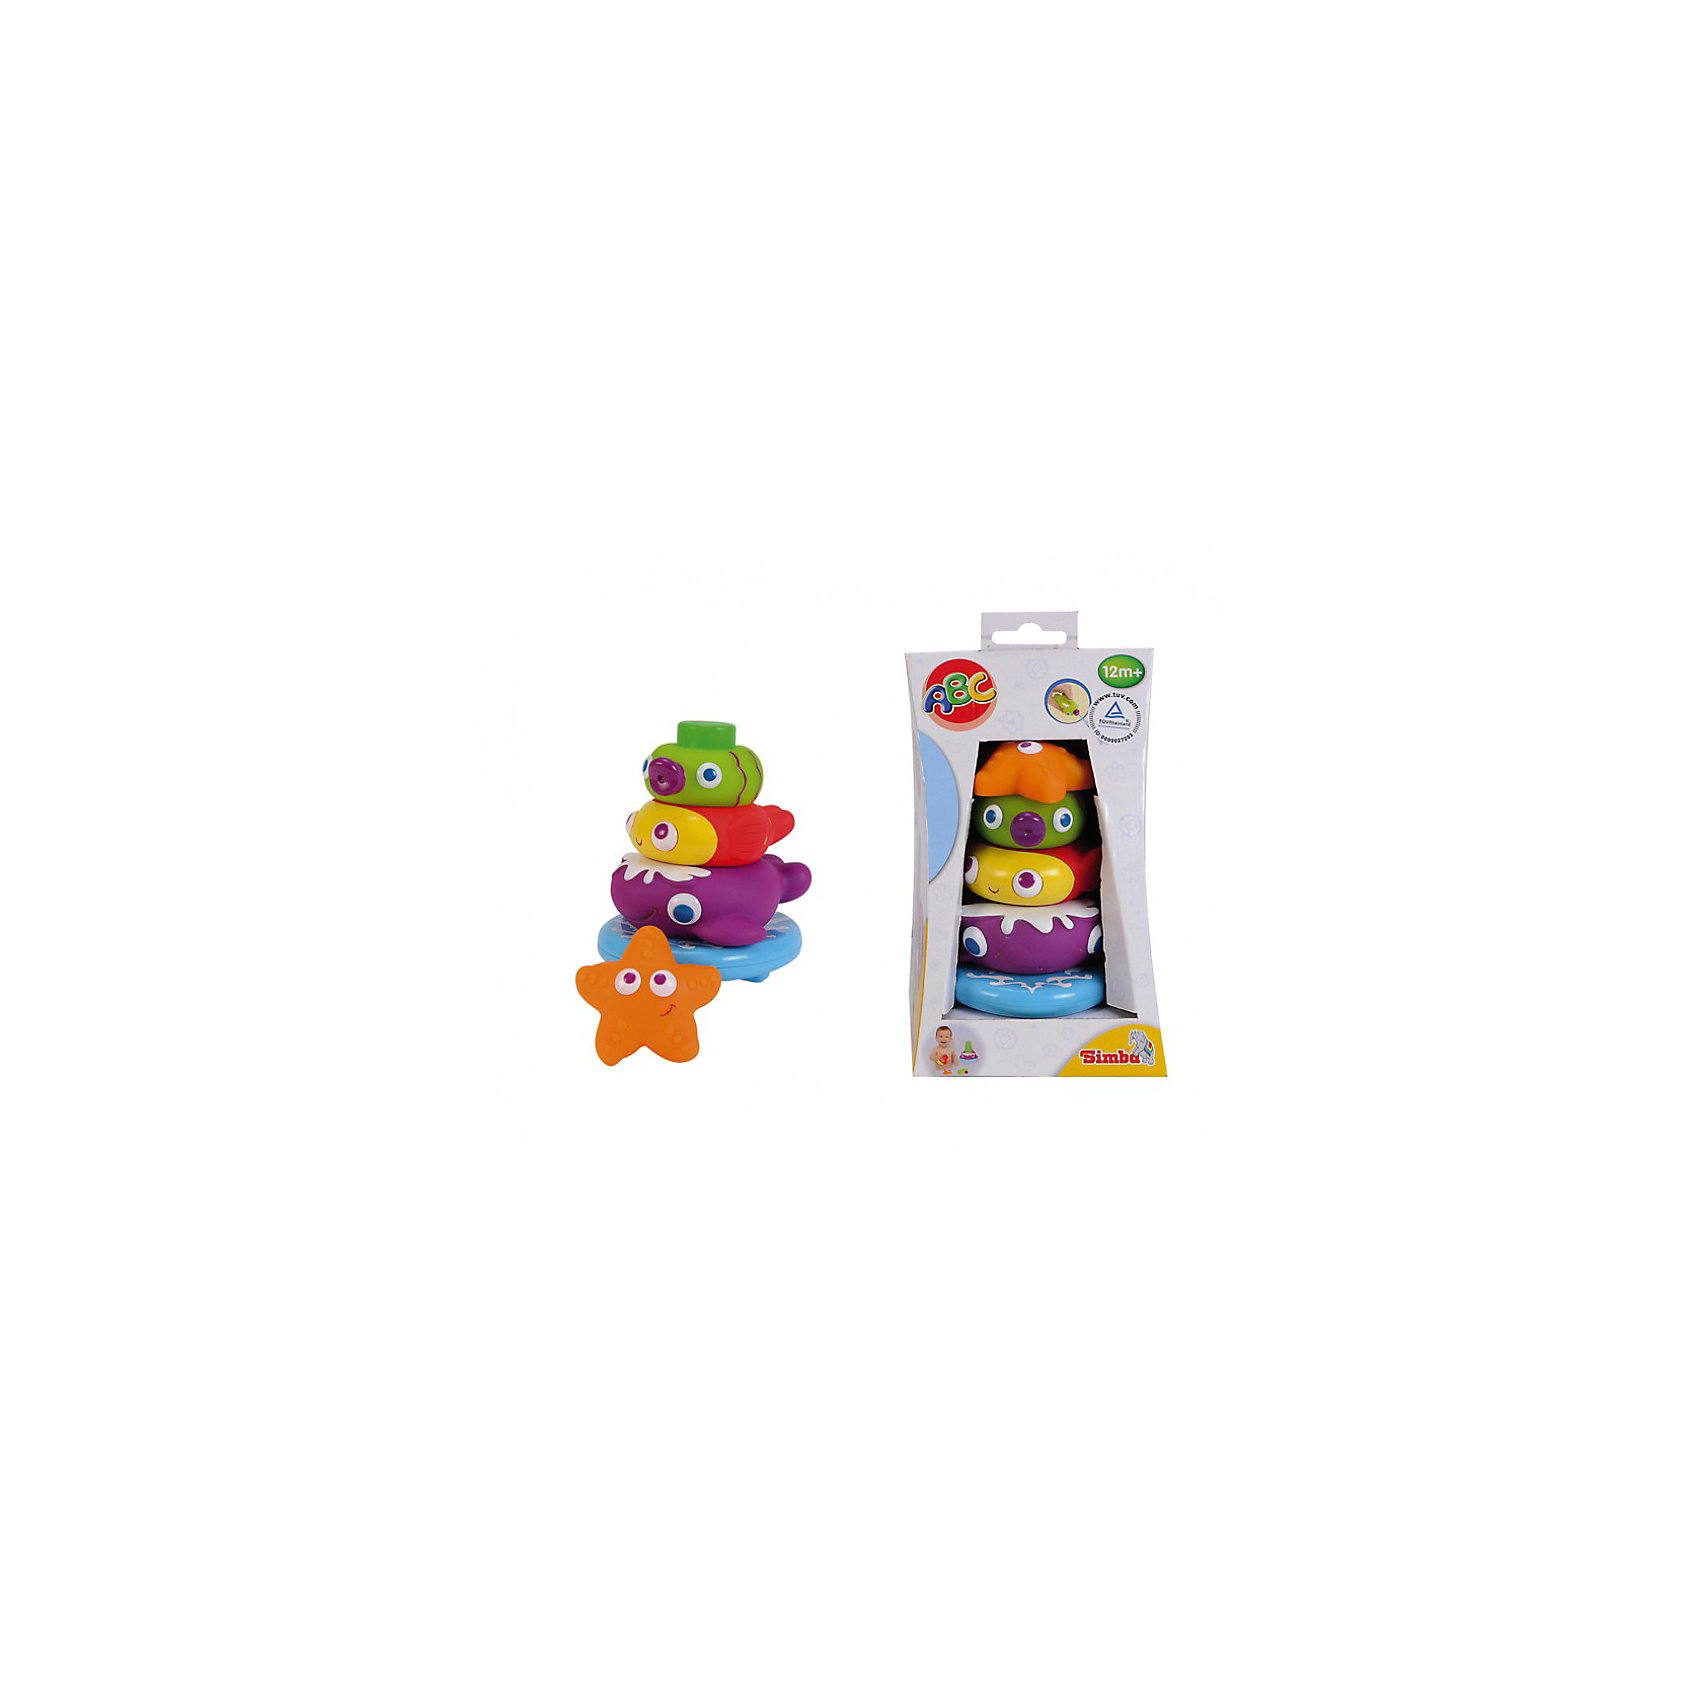 Пирамидка с животными, 13,5 см, SimbaИгрушки ПВХ<br>Характеристики:<br><br>• высота пирамидки: 13,5 см;<br>• особенности игрушки: для купания, игрушки-брызгалки;<br>• тип крепления деталей пирамидки друг к другу: липучки;<br>• материал: резина;<br>• размер упаковки: 14,5х13х13 см;<br>• вес: 279 г.<br><br>Устроить настоящие брызги во время купания вам помогут игрушки-брызгалки «Морские обитатели». Резиновые игрушки выпускают струйки воды, которые так веселят кроху. Фигурки разного размера и диаметра являются деталями пирамидки. <br><br>Пирамидку с животными, 13,5 см, Simba можно купить в нашем магазине.<br><br>Ширина мм: 120<br>Глубина мм: 120<br>Высота мм: 210<br>Вес г: 300<br>Возраст от месяцев: 12<br>Возраст до месяцев: 36<br>Пол: Унисекс<br>Возраст: Детский<br>SKU: 3709518